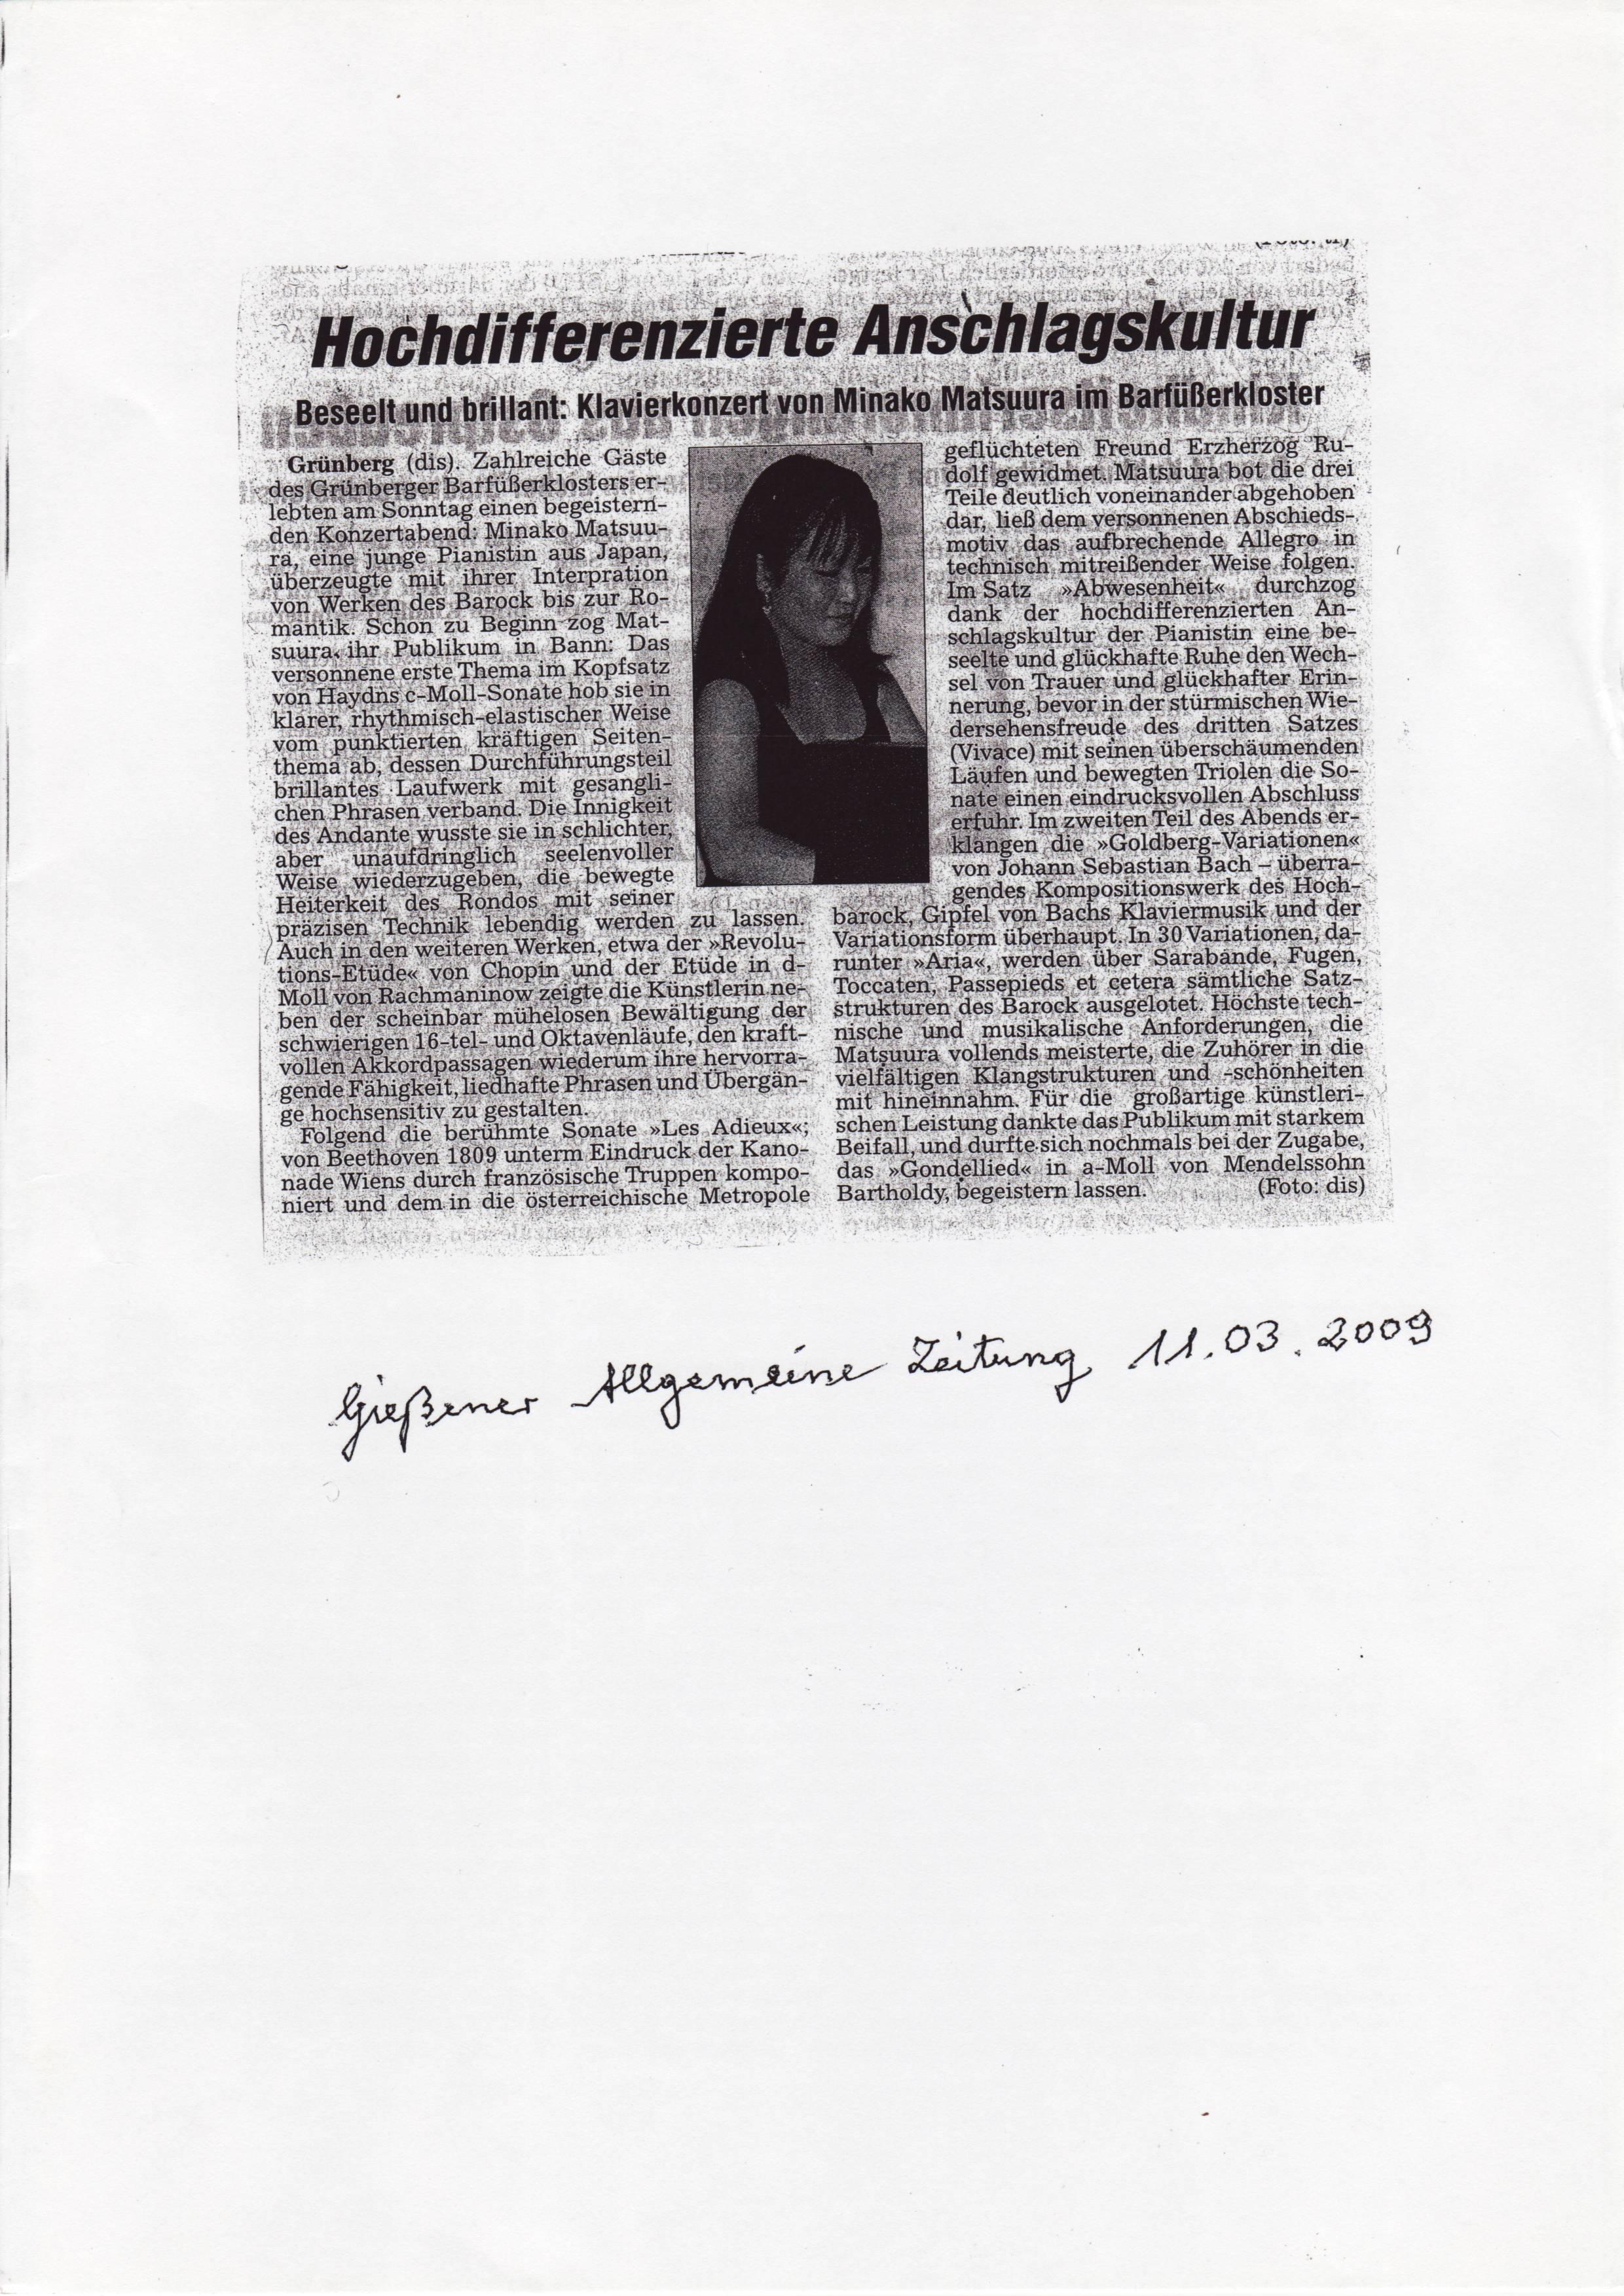 Giessener Allgemeine Zeitung 11.3.09.JPG